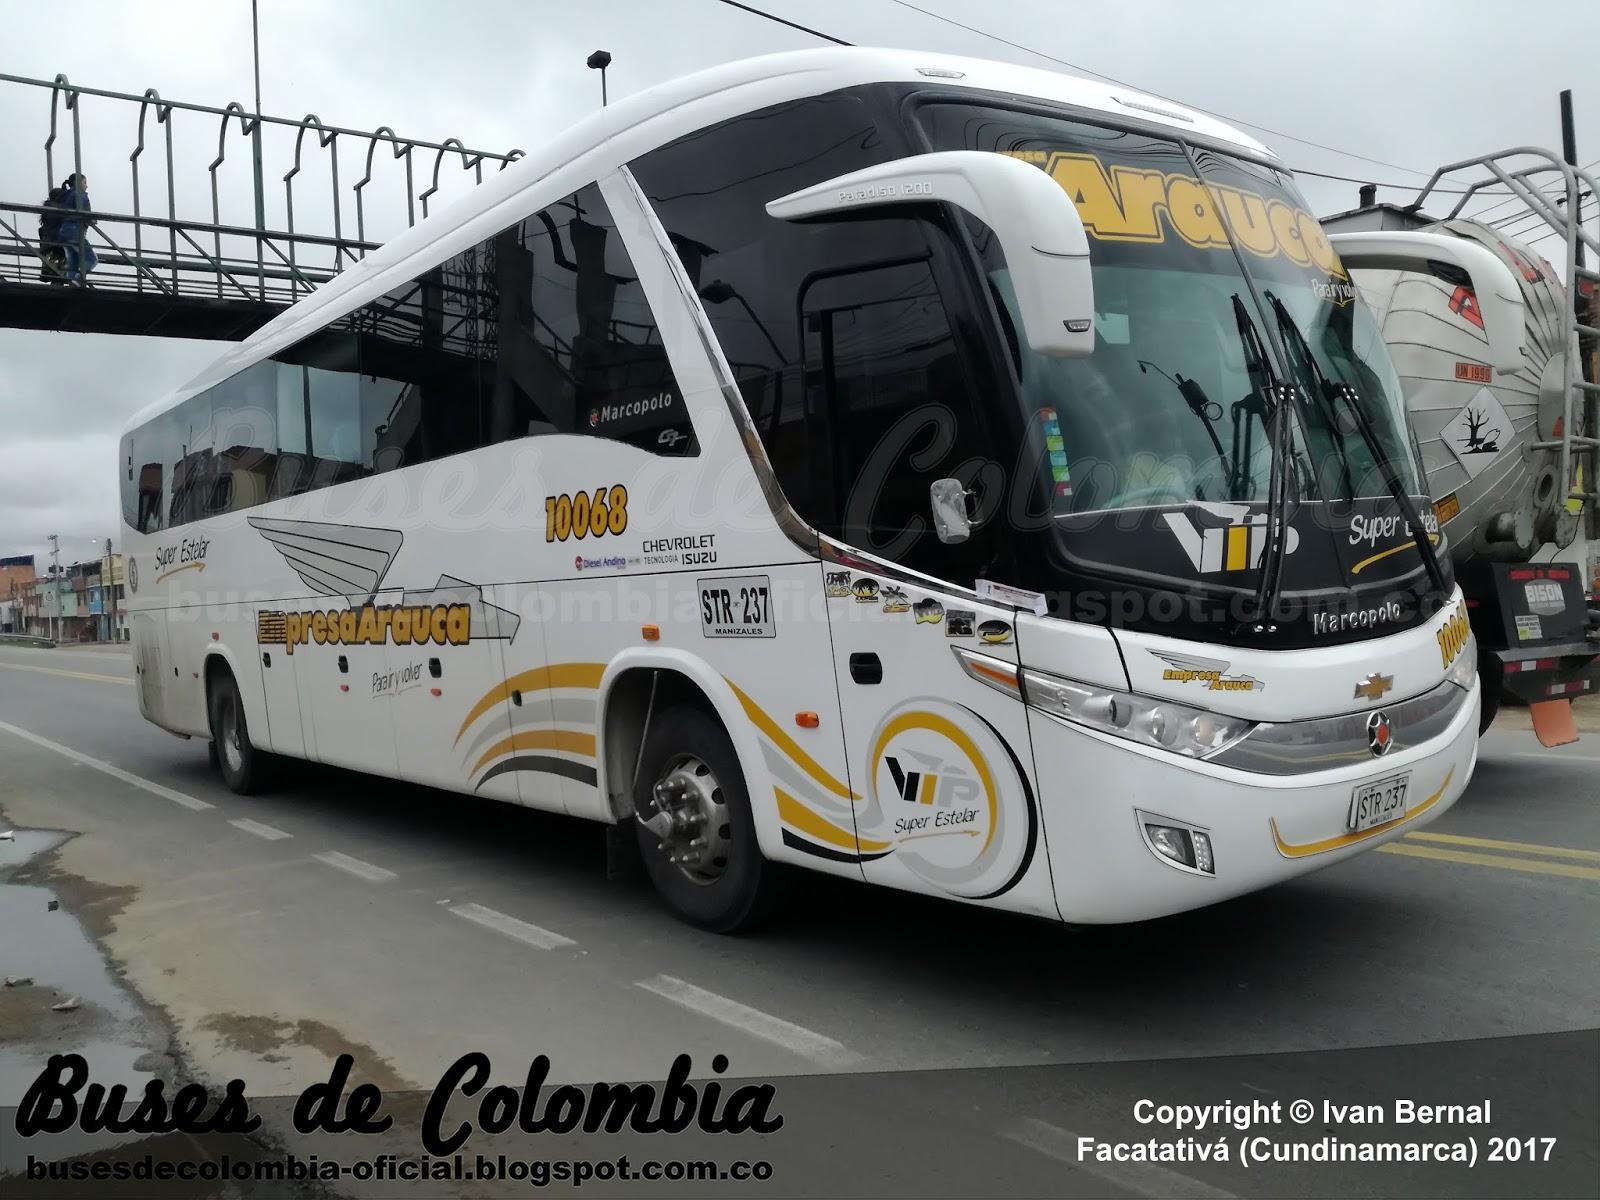 Empresa Arauca 10068 | Buses de Colombia - Oficial